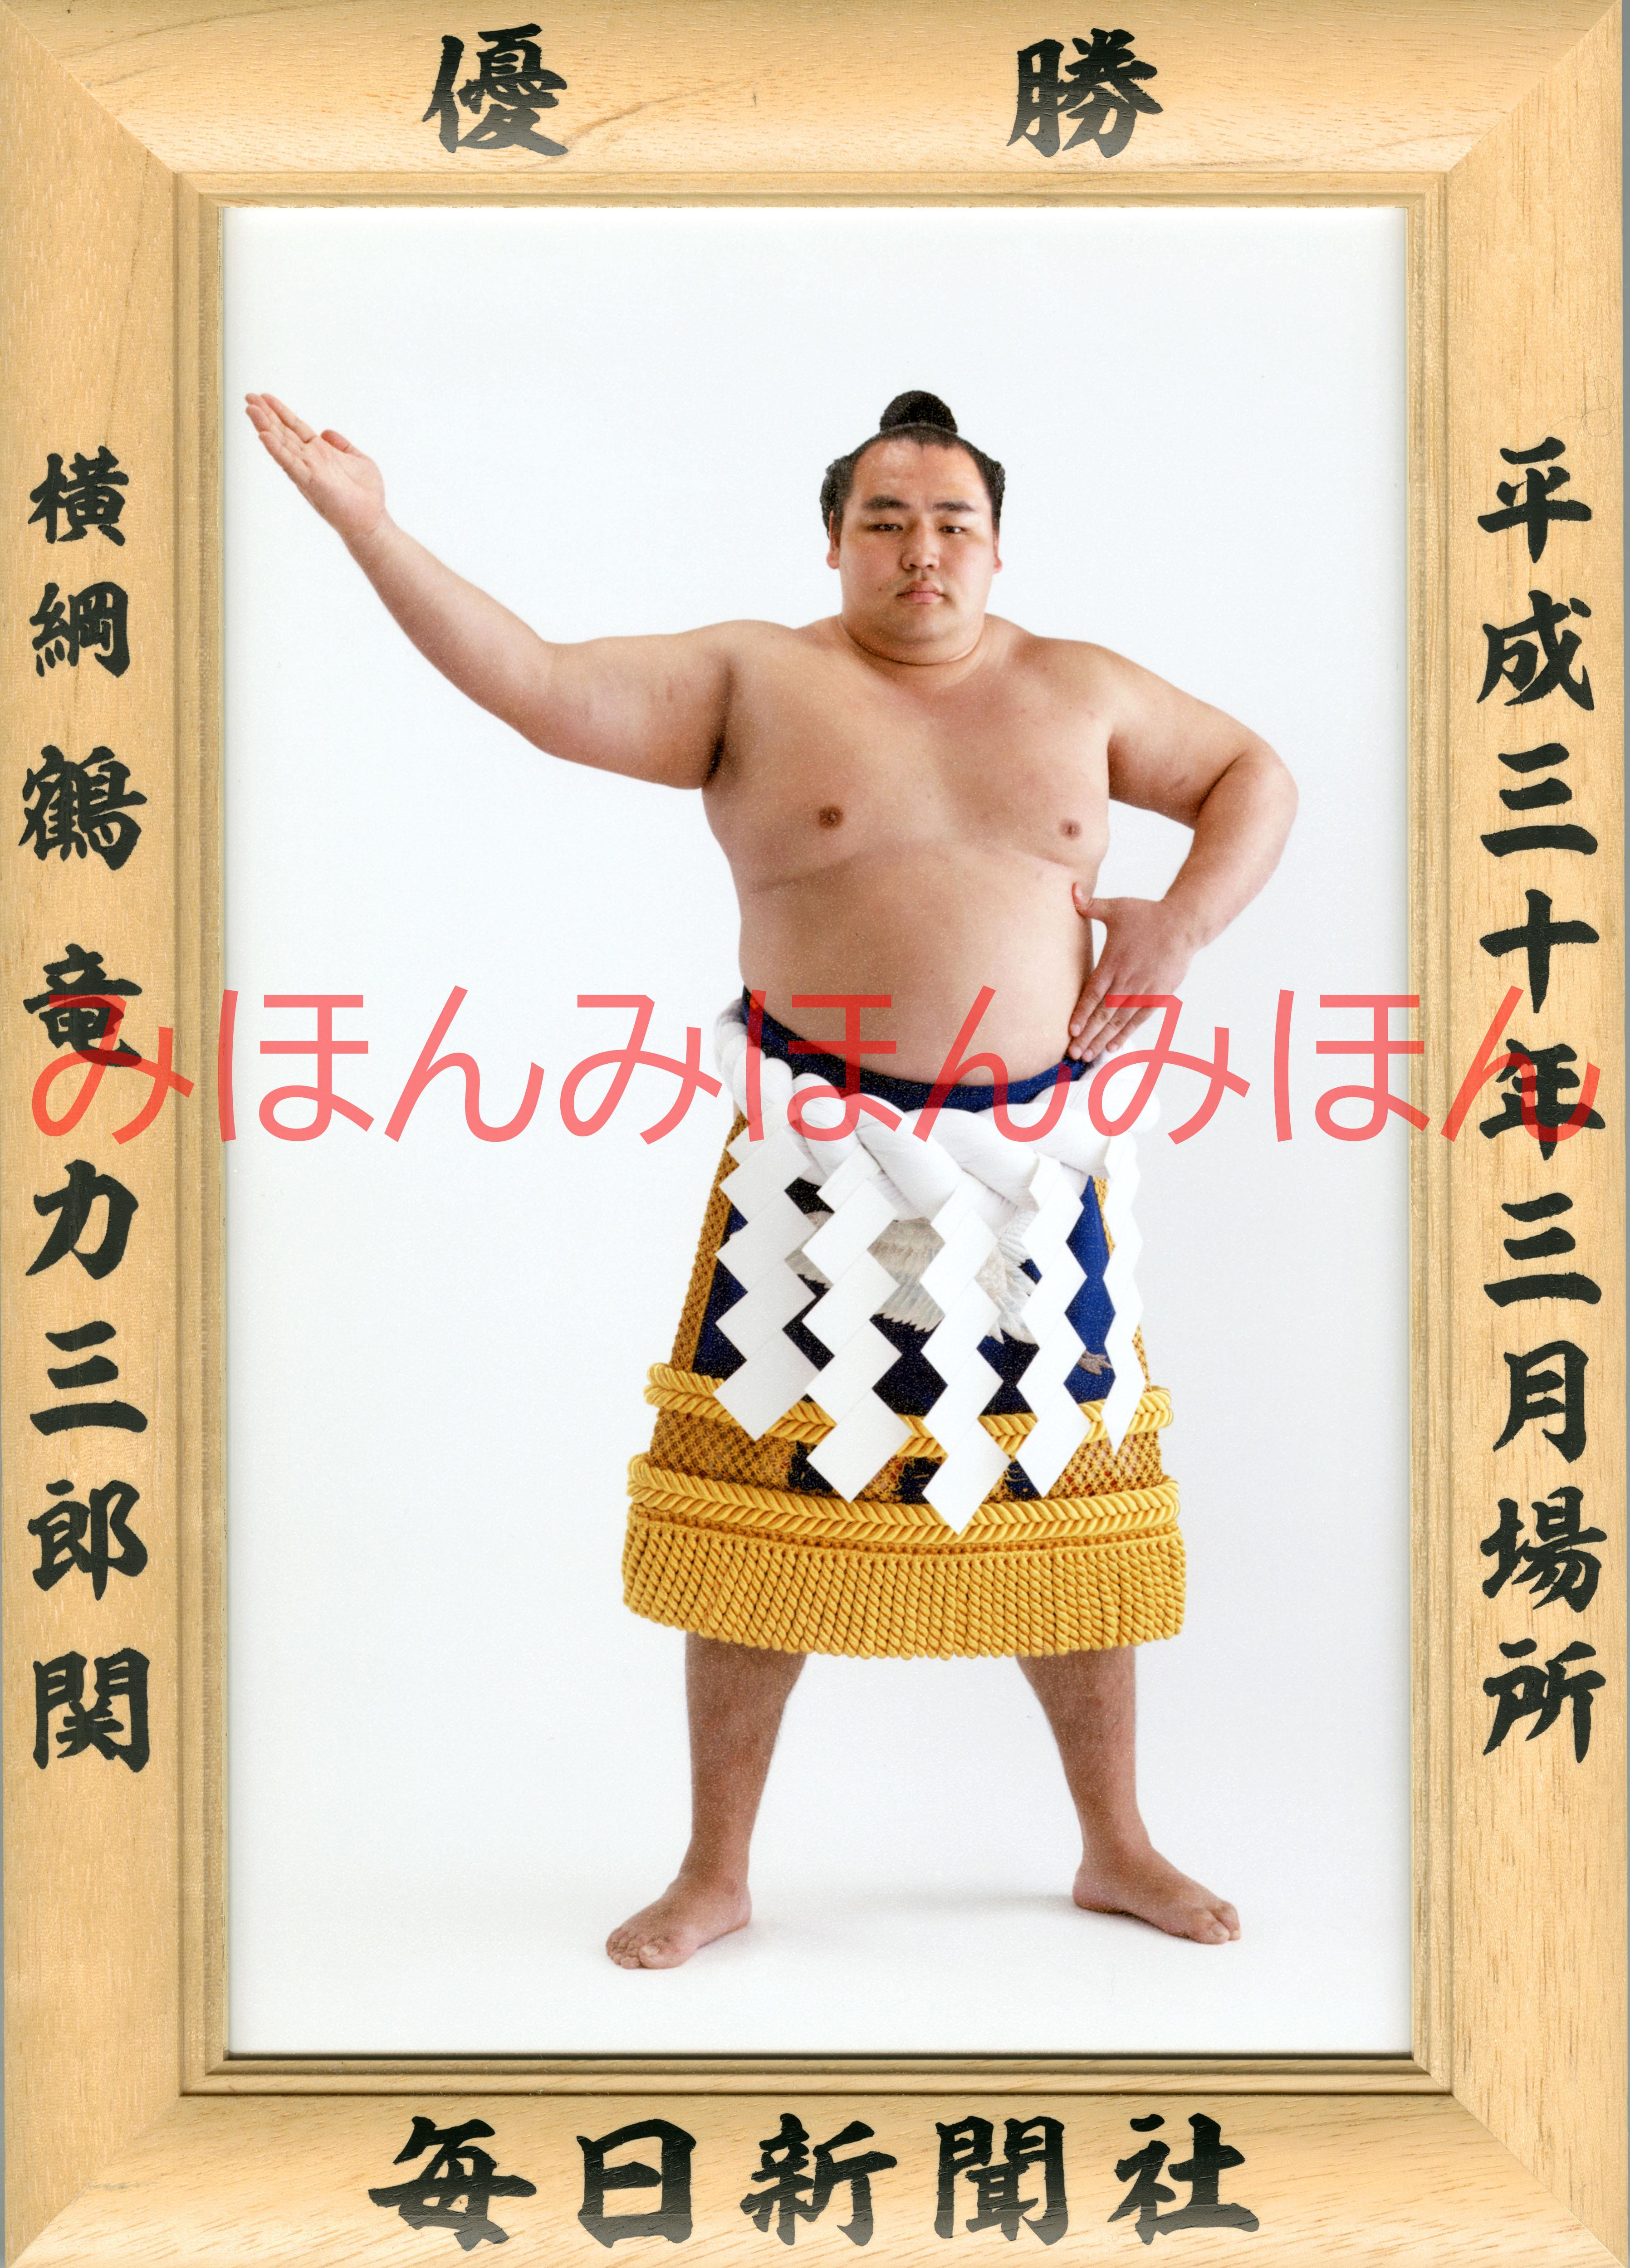 平成30年3月場所優勝 横綱 鶴竜力三郎関(4回目の優勝)